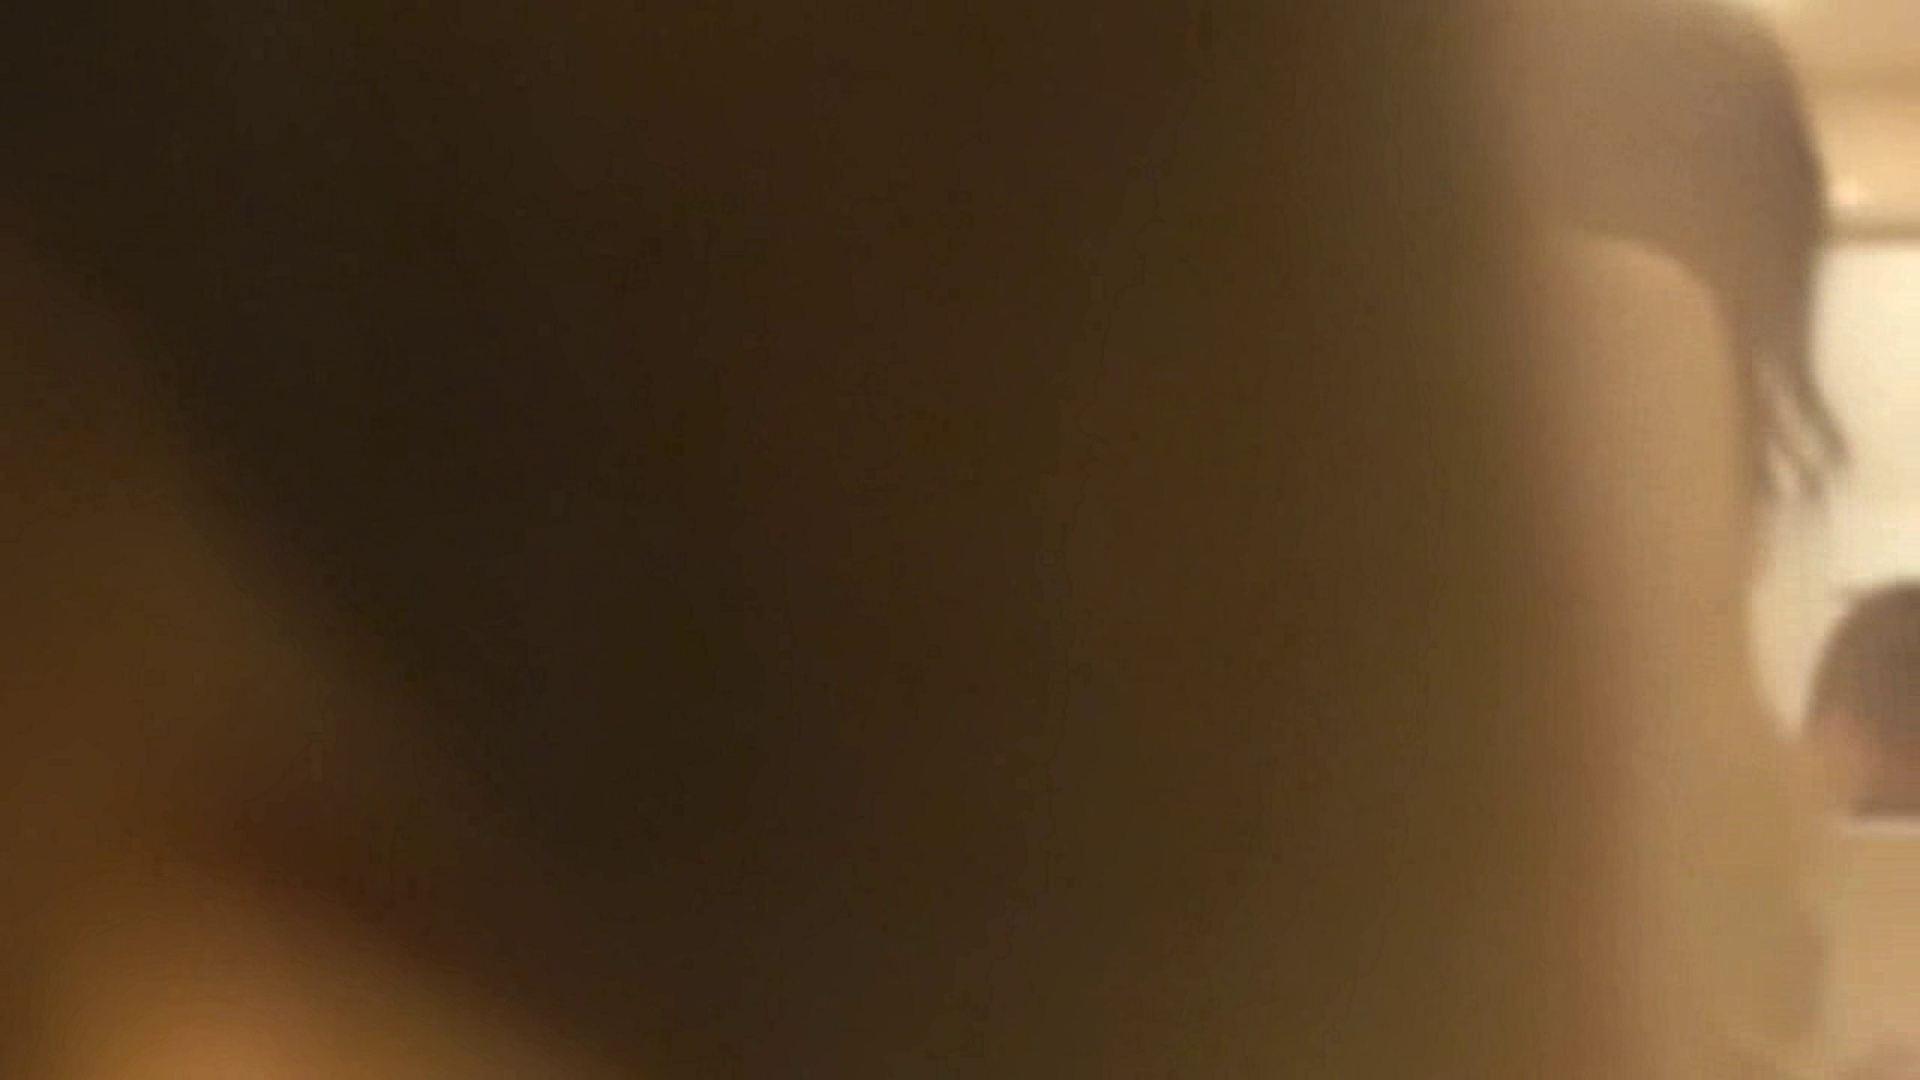 おまんこ丸見え:vol.1 Mayumi 窓越しに入浴シーン撮影に成功:怪盗ジョーカー